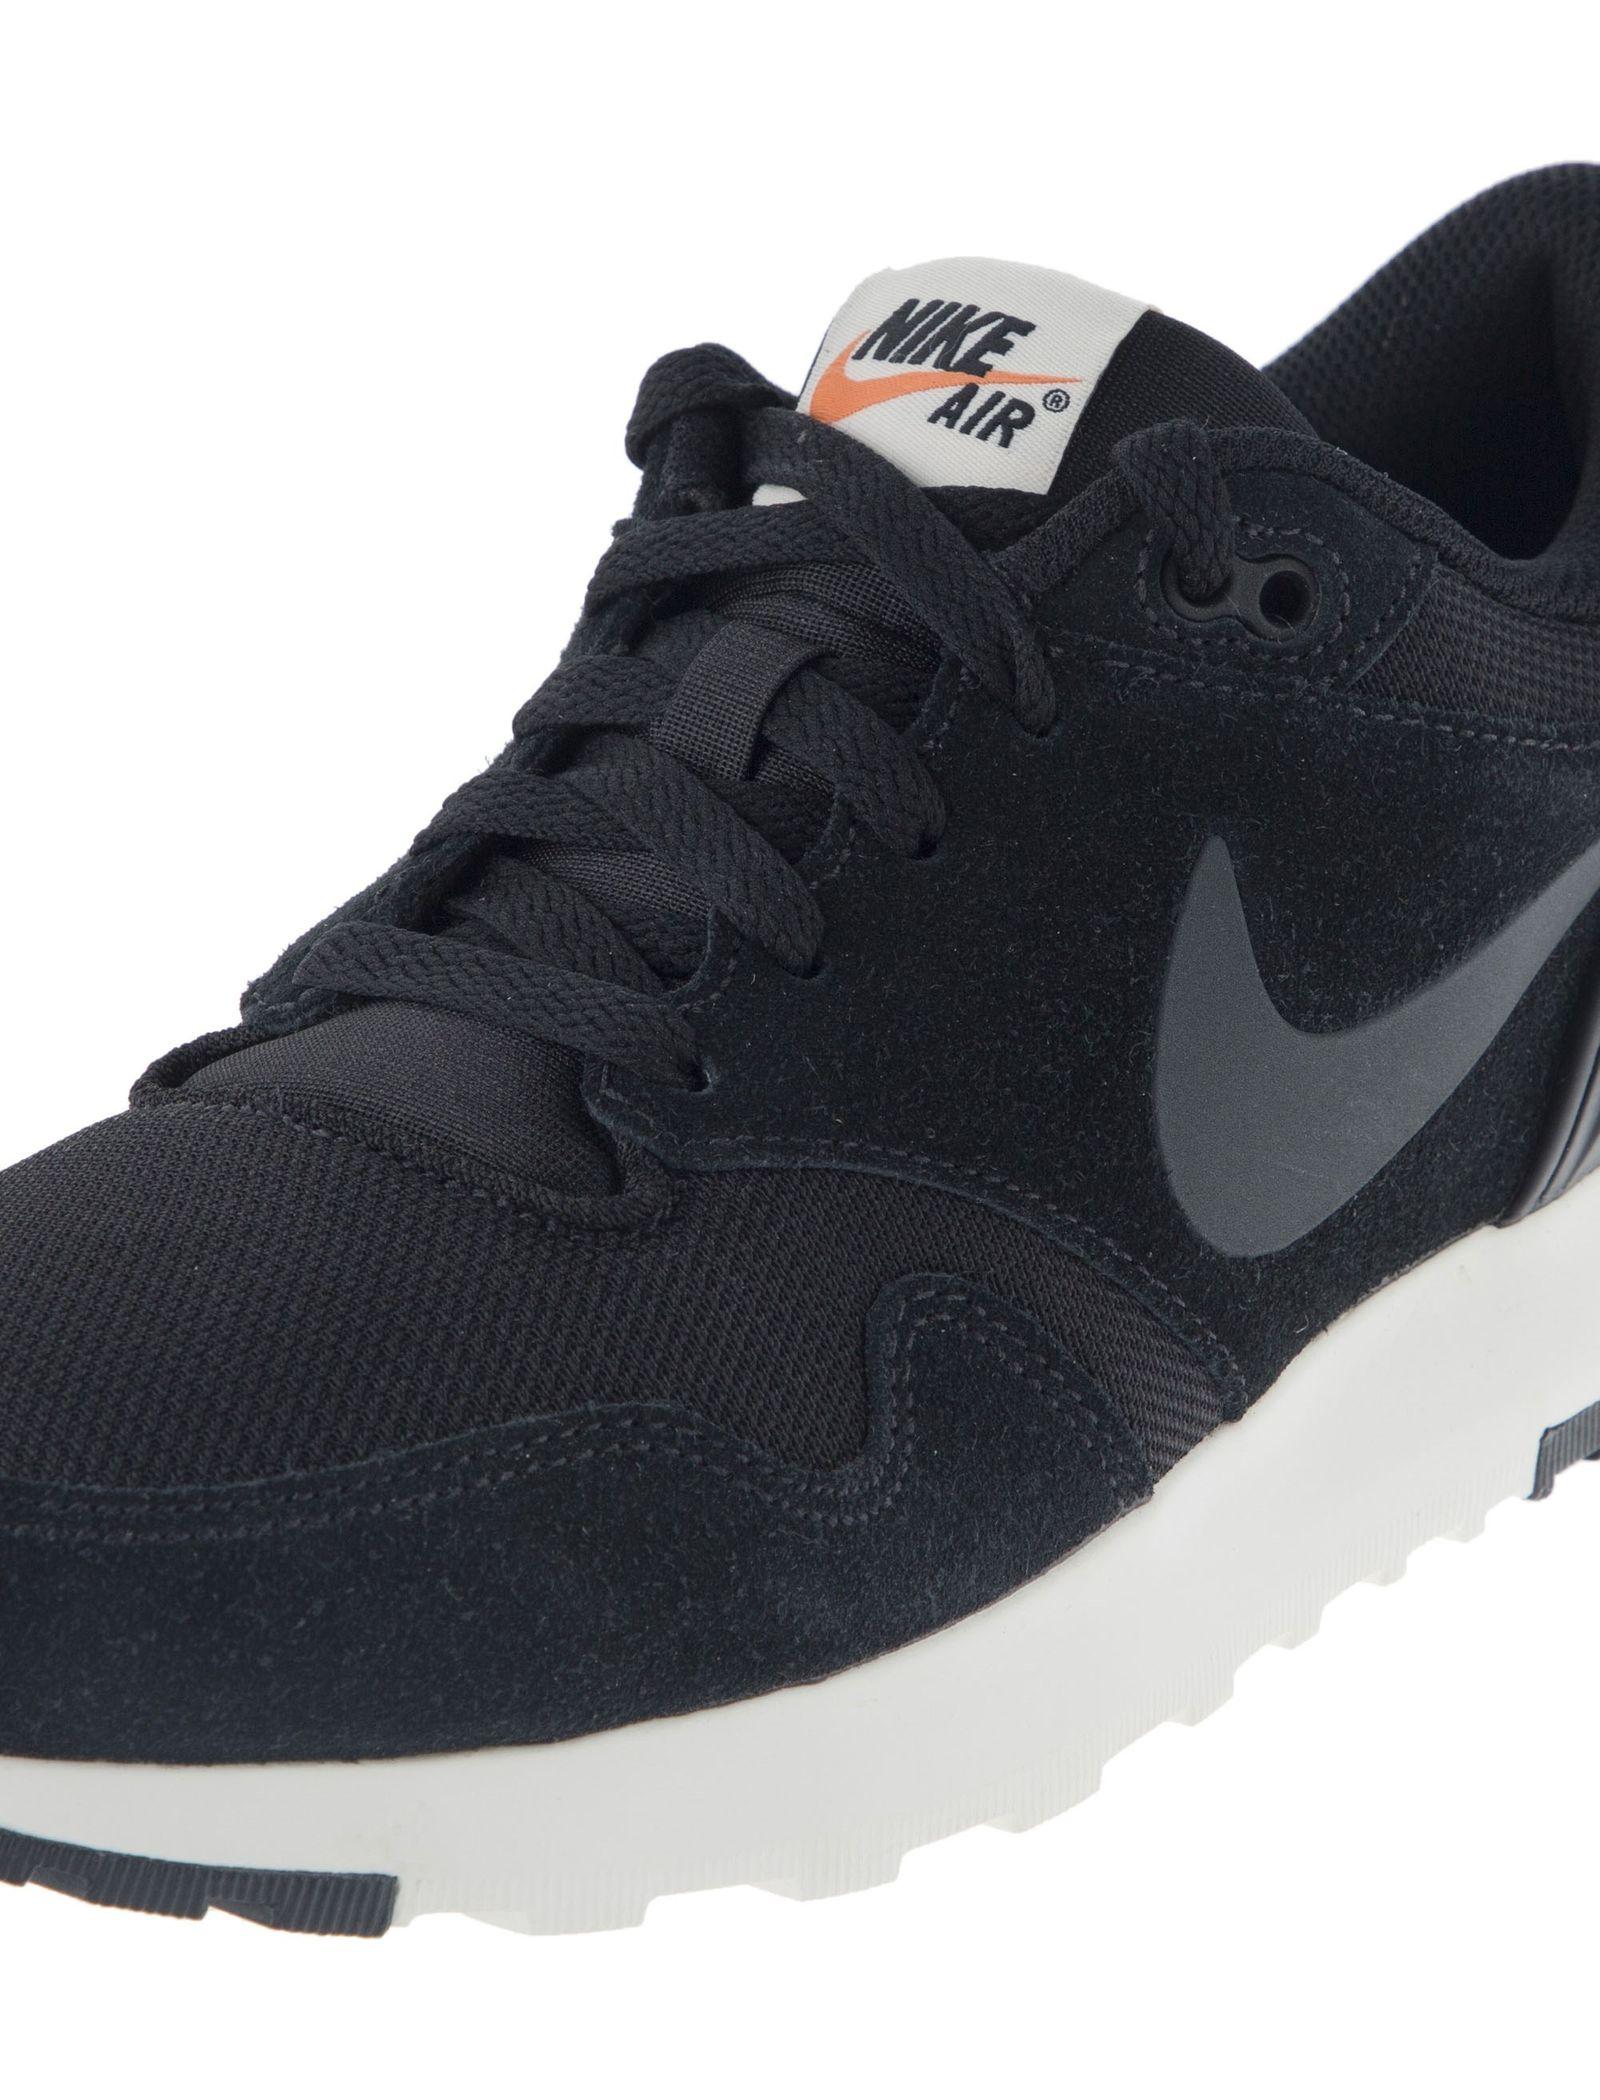 کفش پیاده روی بندی مردانه Airwibenna - نایکی - مشکي - 2